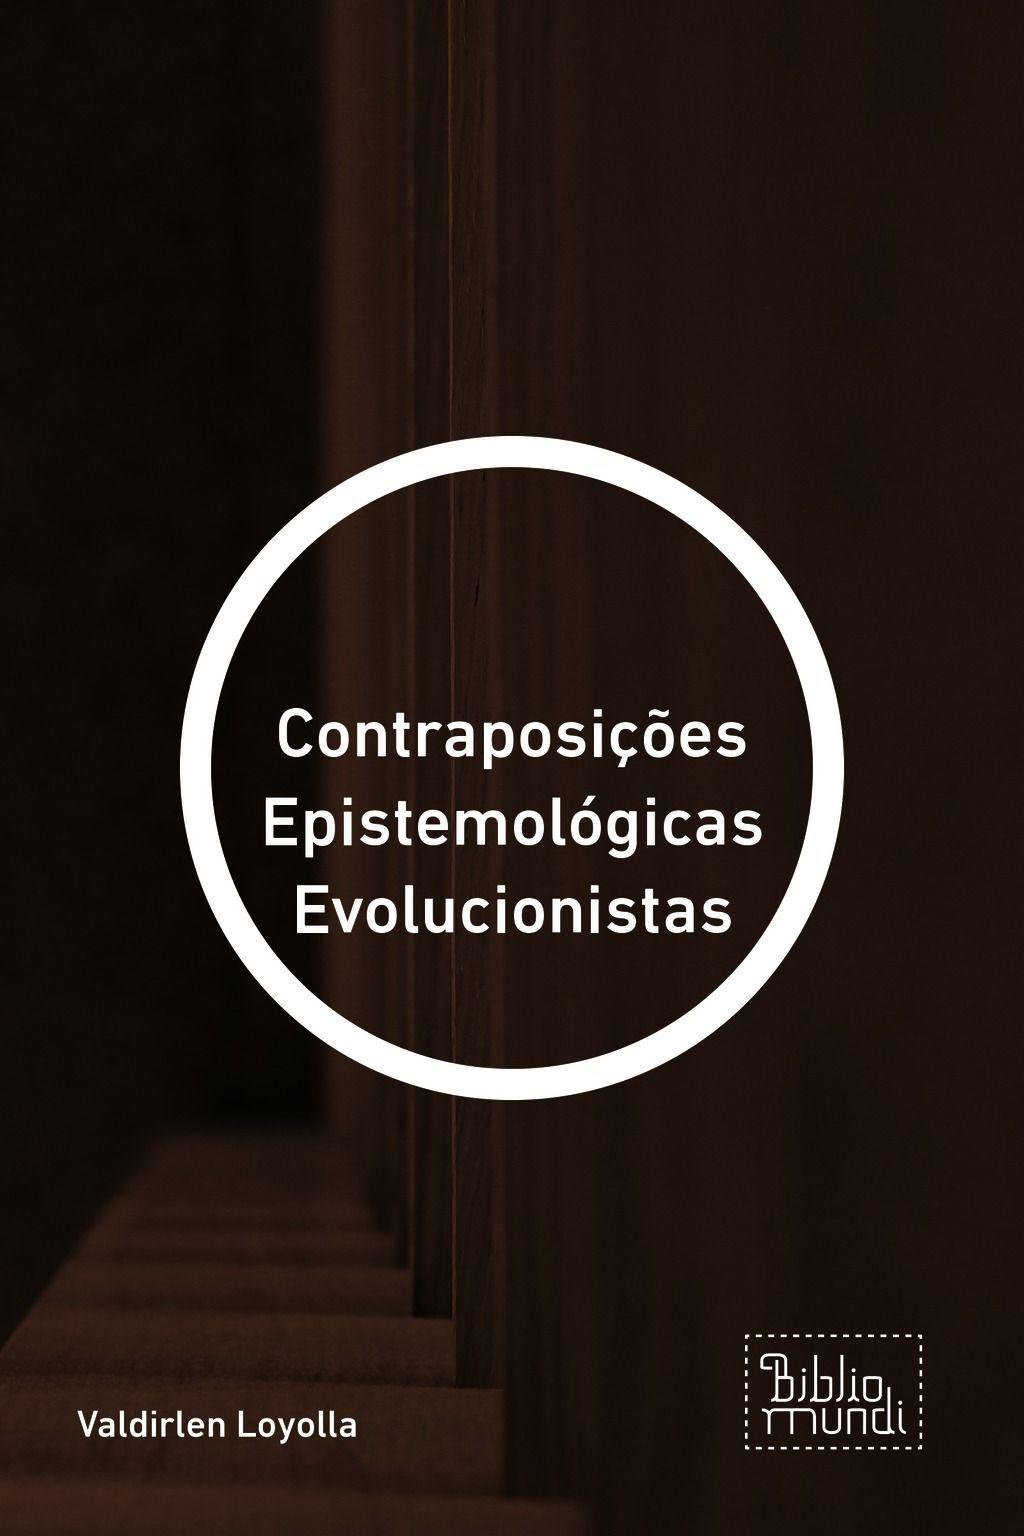 Contraposições Epistemológicas Evolucionistas